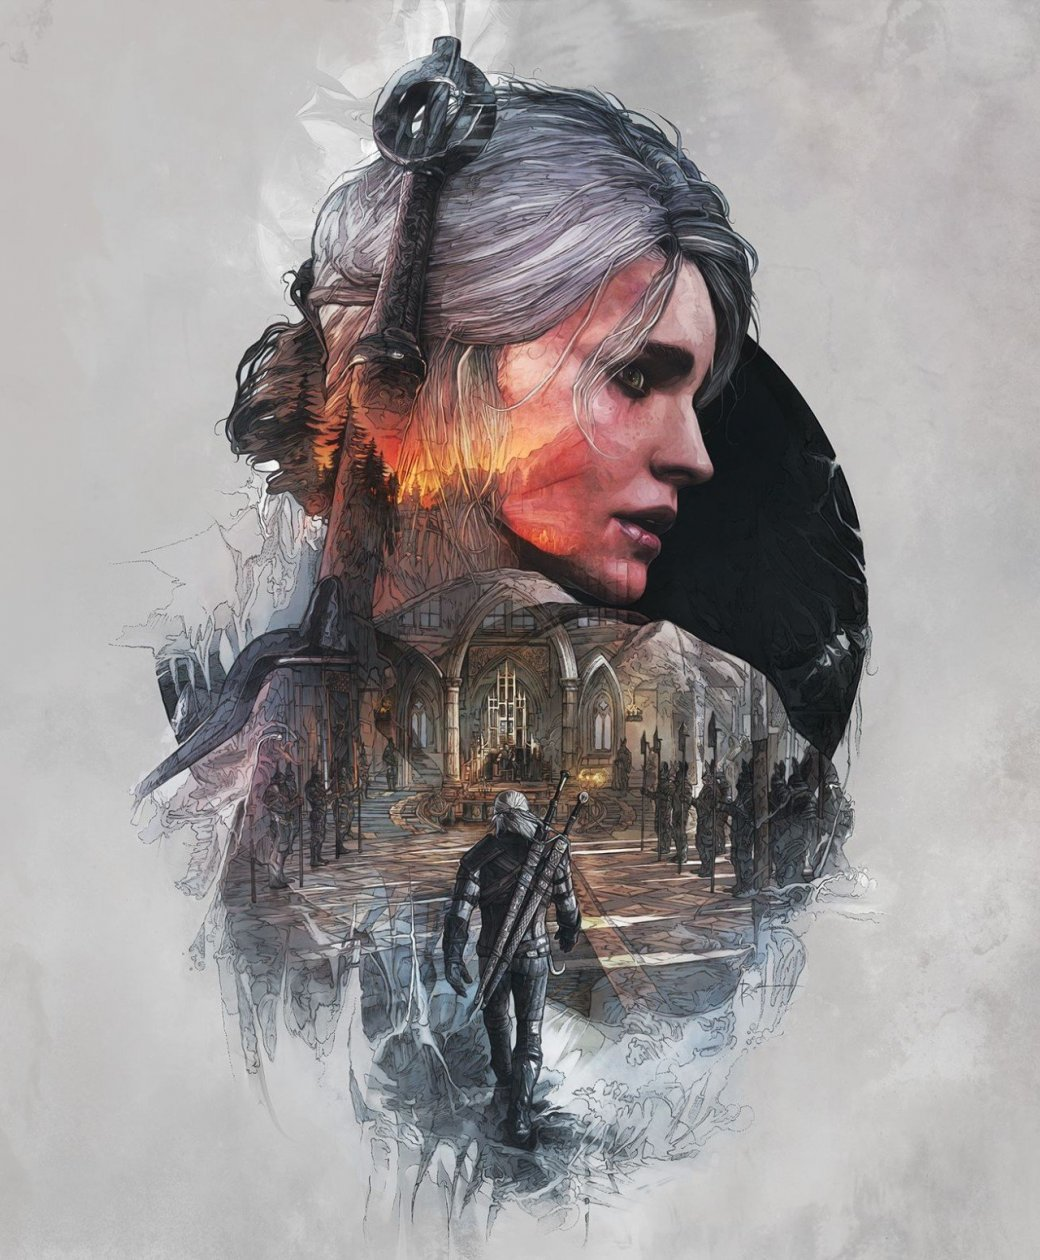 Рецензия на The Witcher 3: Wild Hunt | Канобу - Изображение 1